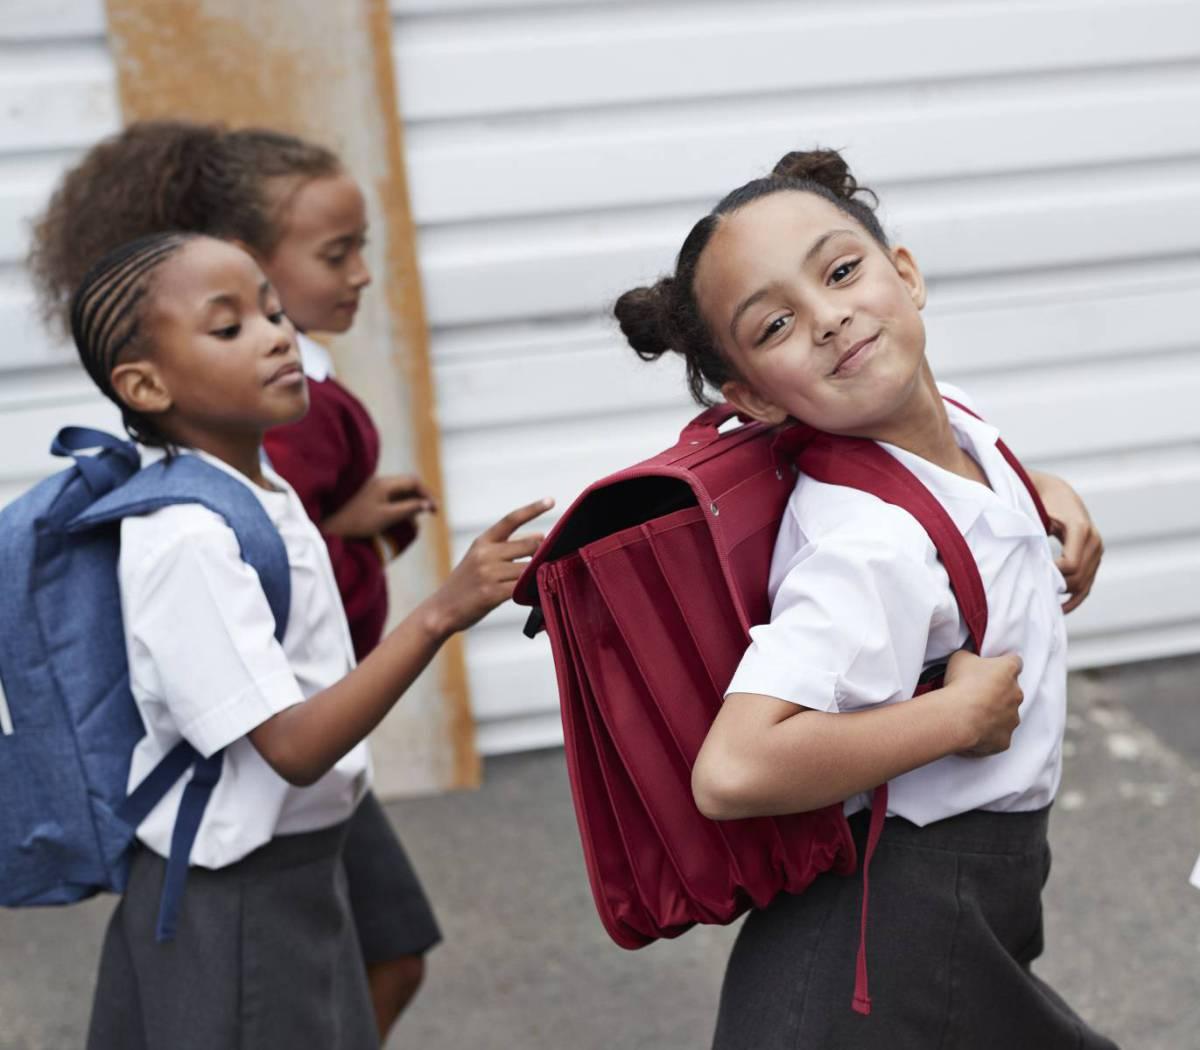 Hay 130 millones de niñas entre 6 y 17 años fuera de la escuela